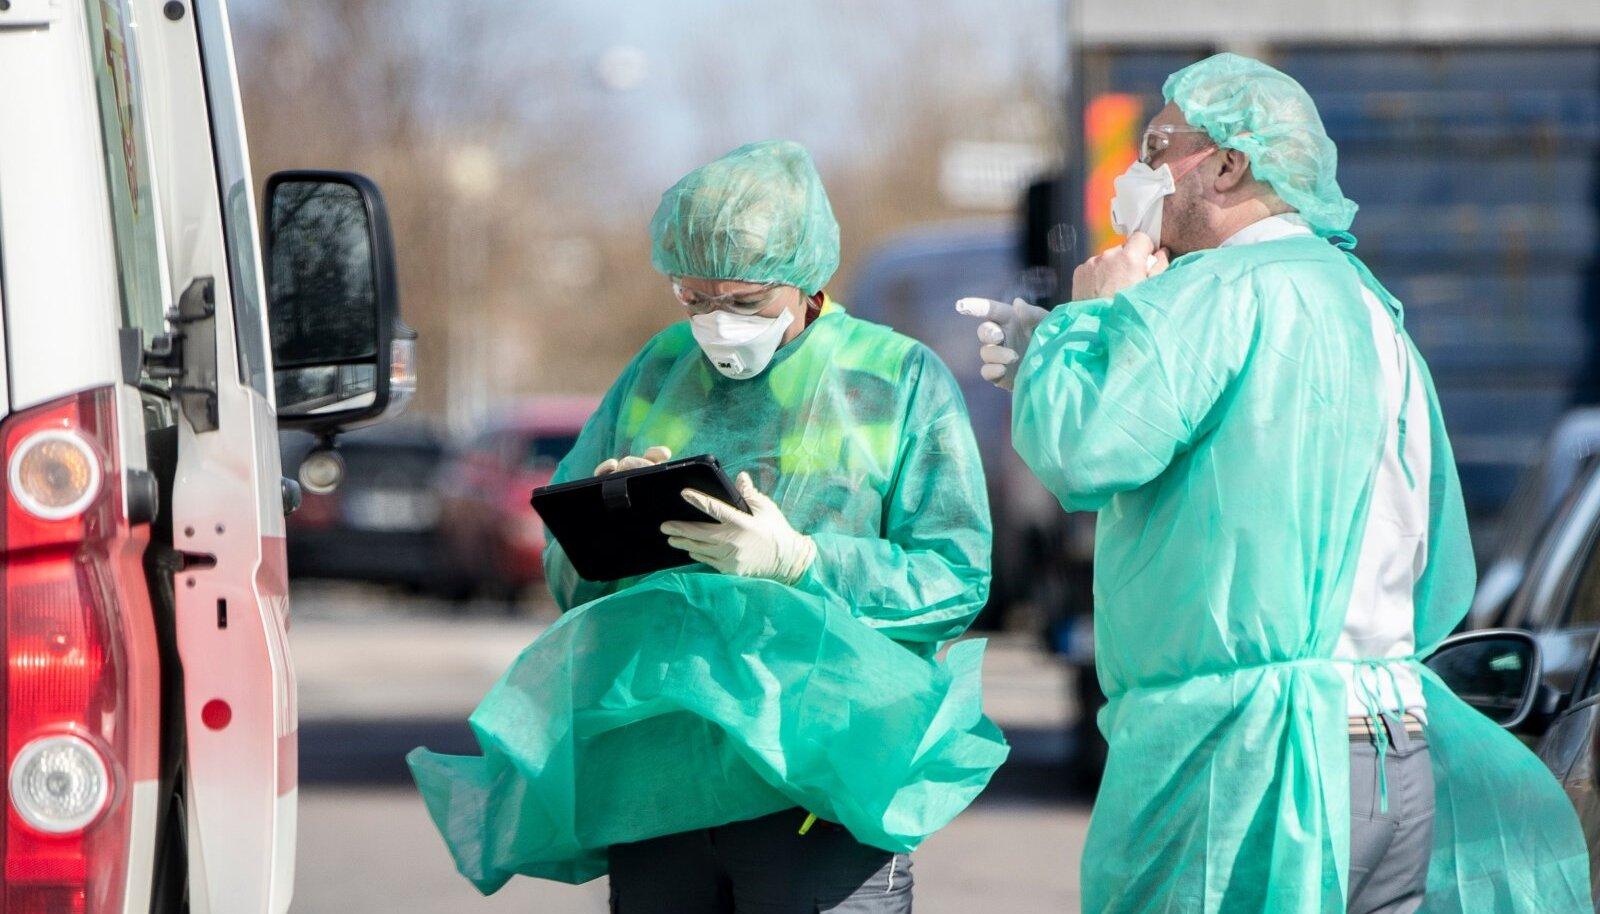 Uue viirusepuhangu saabumine on ekspertide sõnul ülimalt tõenäoline. Nüüd tuleb aega kasutada selleks, et ennast eri stsenaariumideks võimalikult hästi ette valmistada.